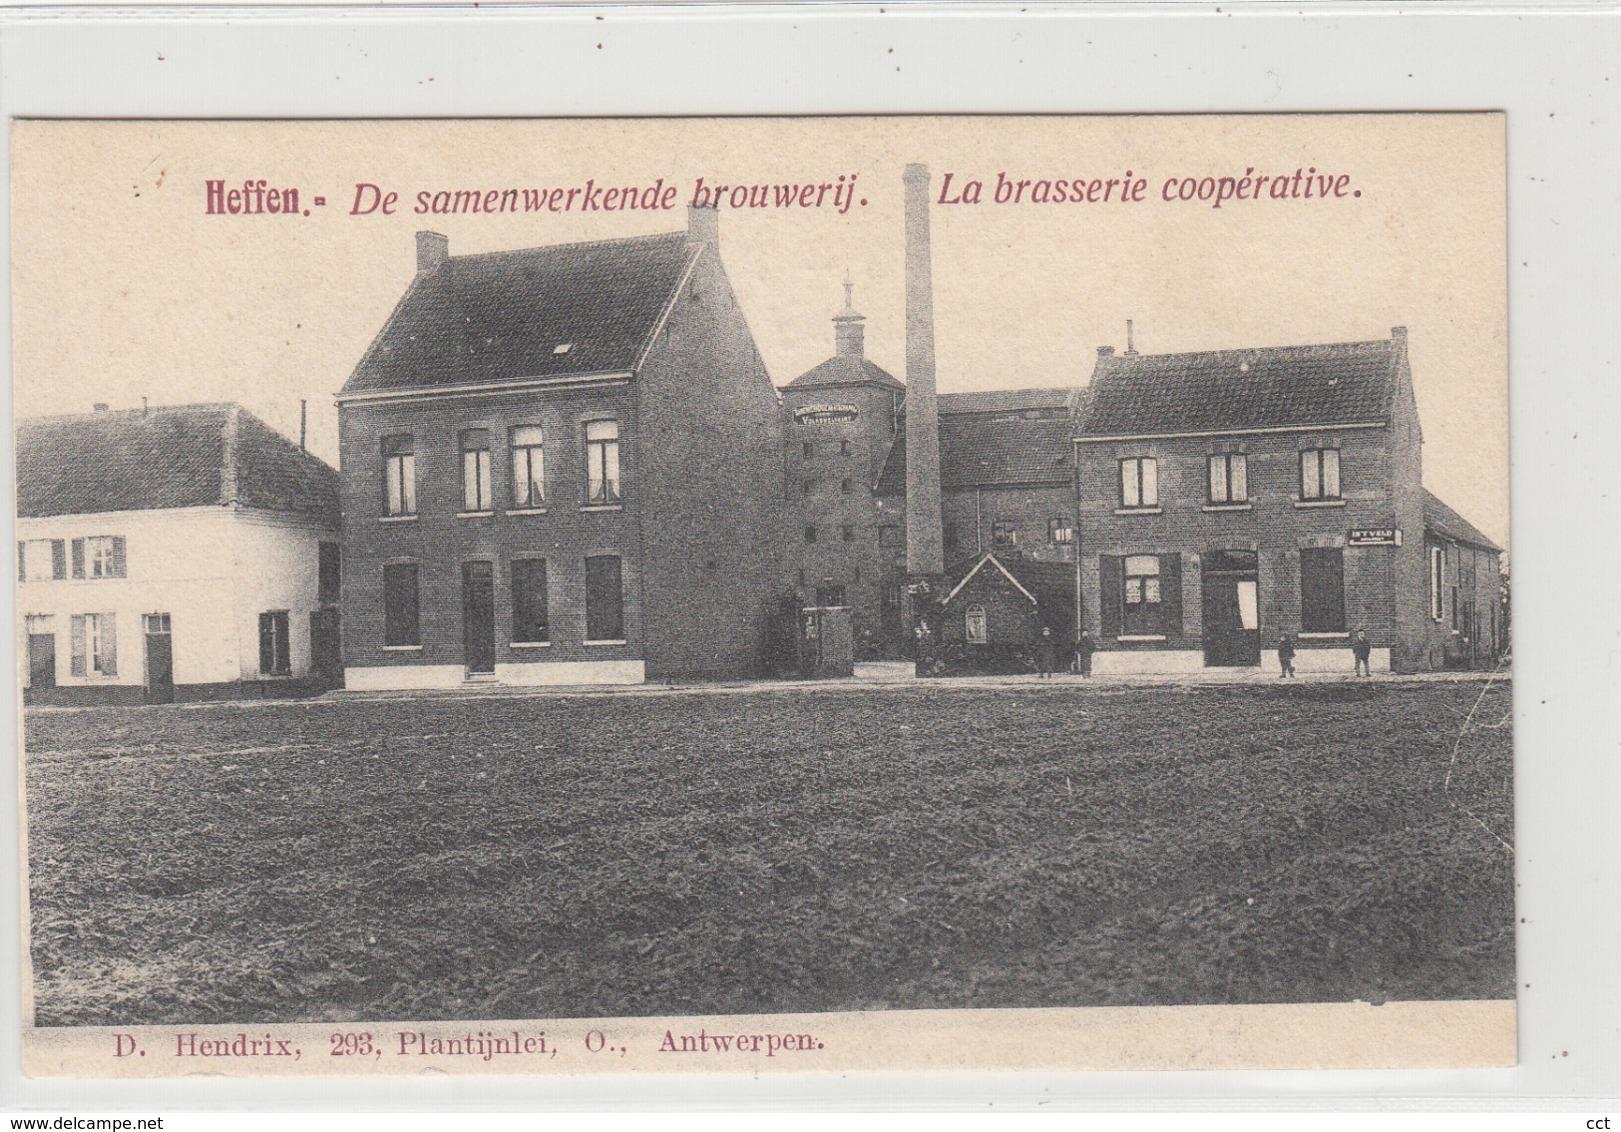 Heffen Mechelen  De Samenwerkende Brouwerij - La Brasserie Coopérative   Edit D Hendrix   BROUWERIJ  BRASSERIE - Malines